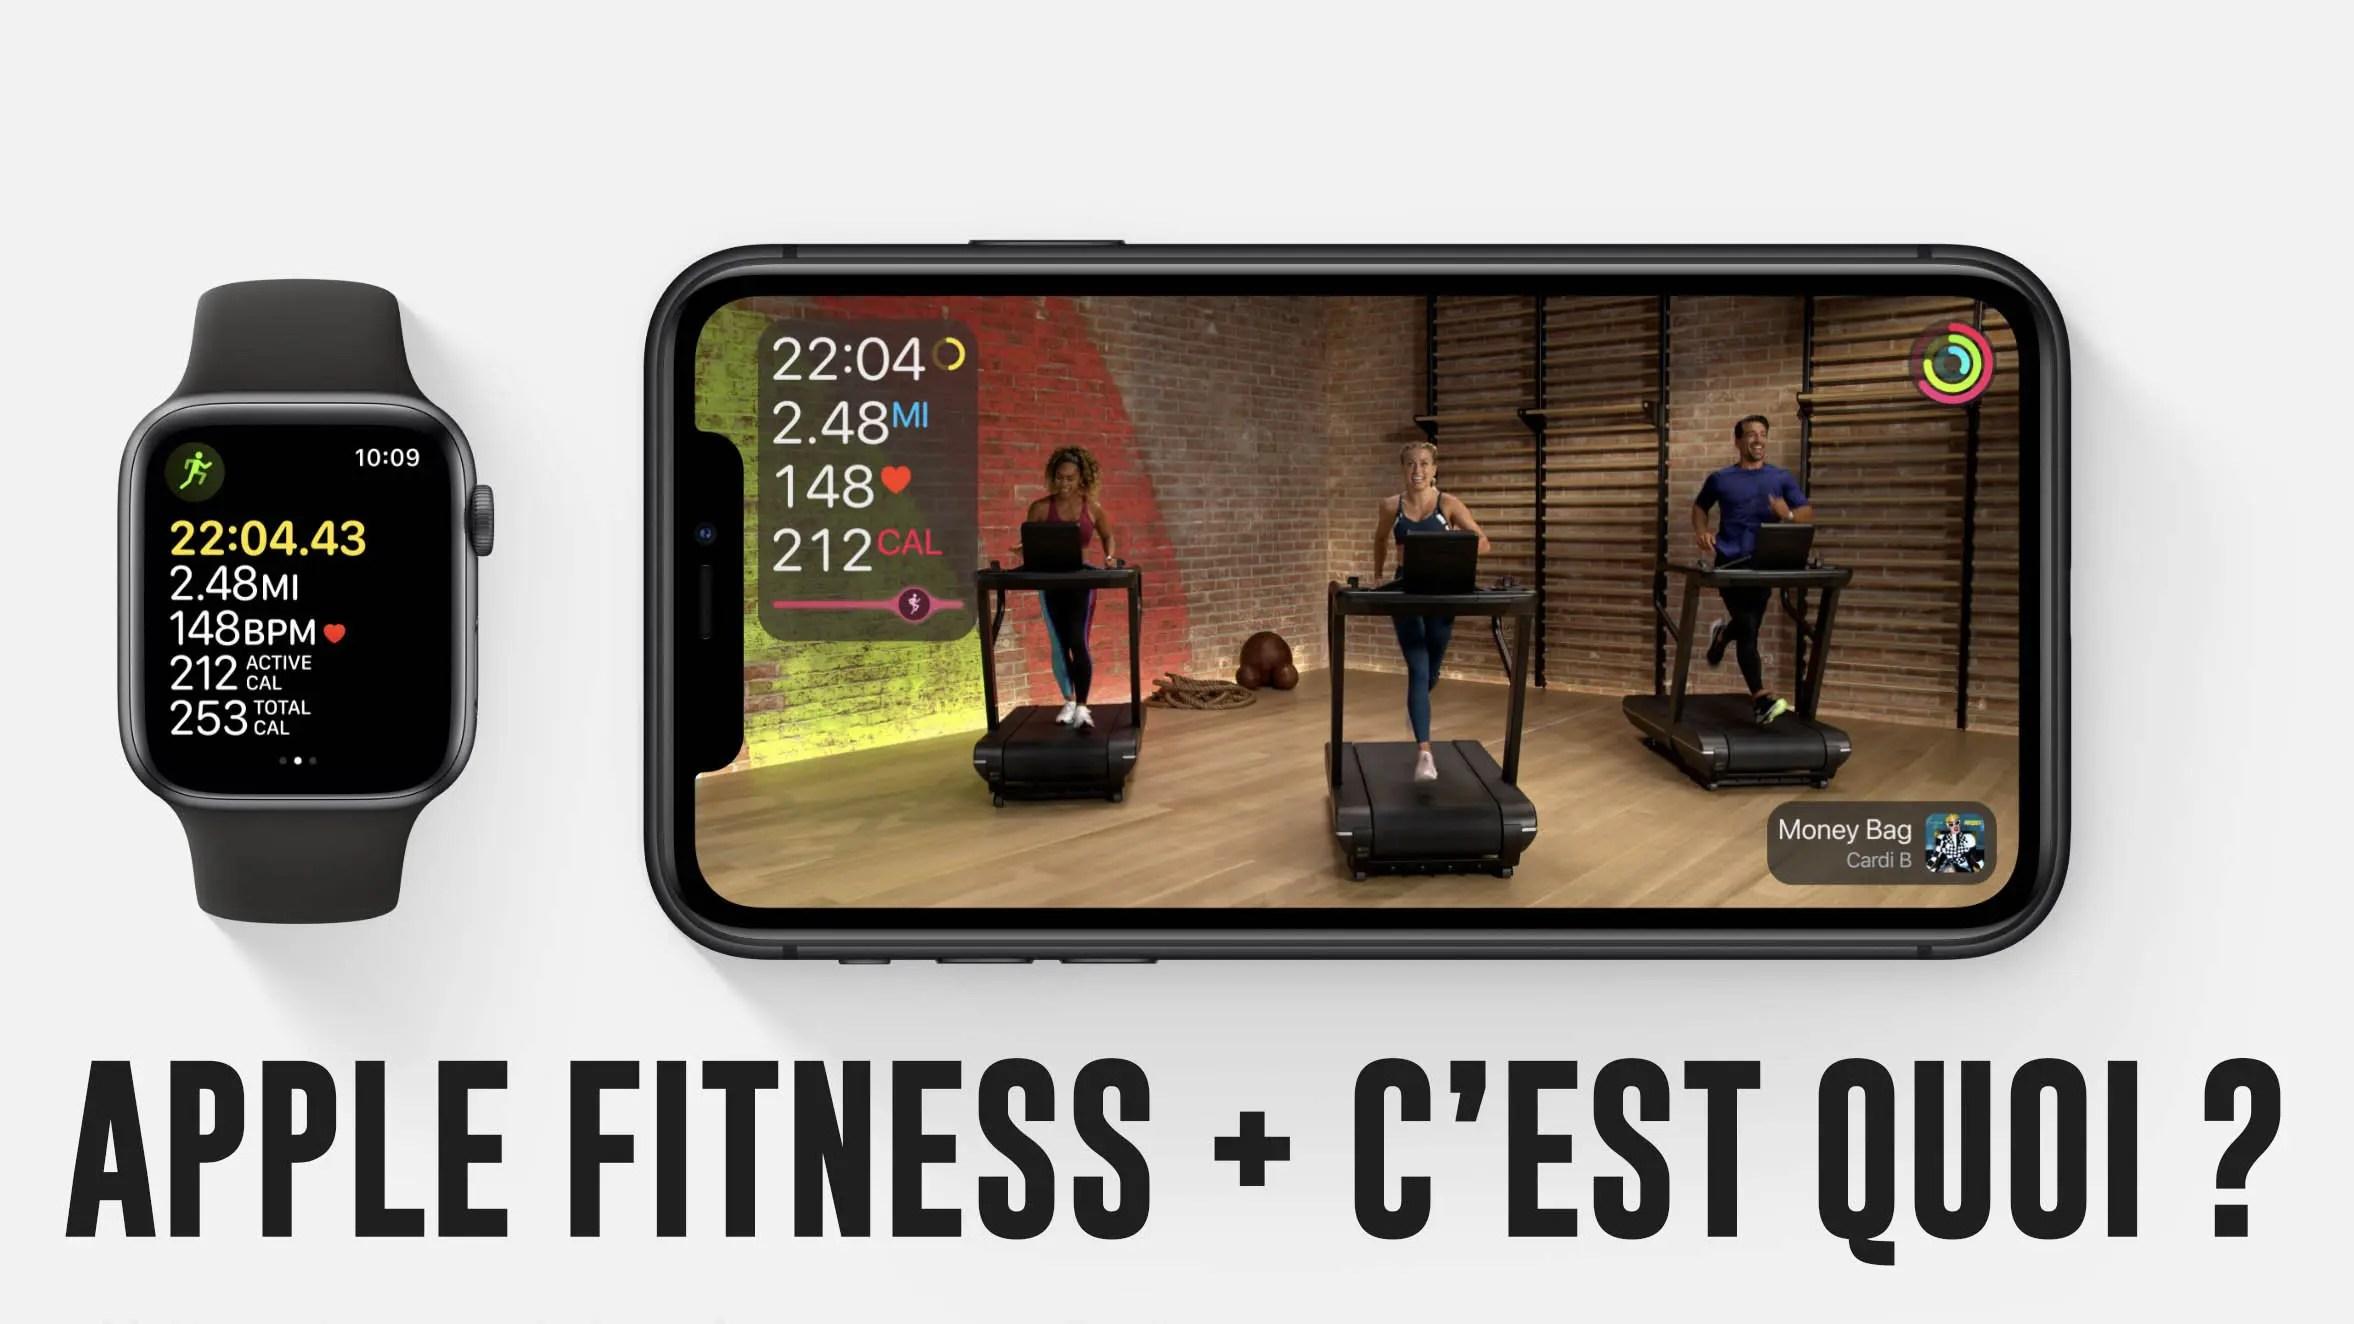 Apple Fitness + c'est quoi ?